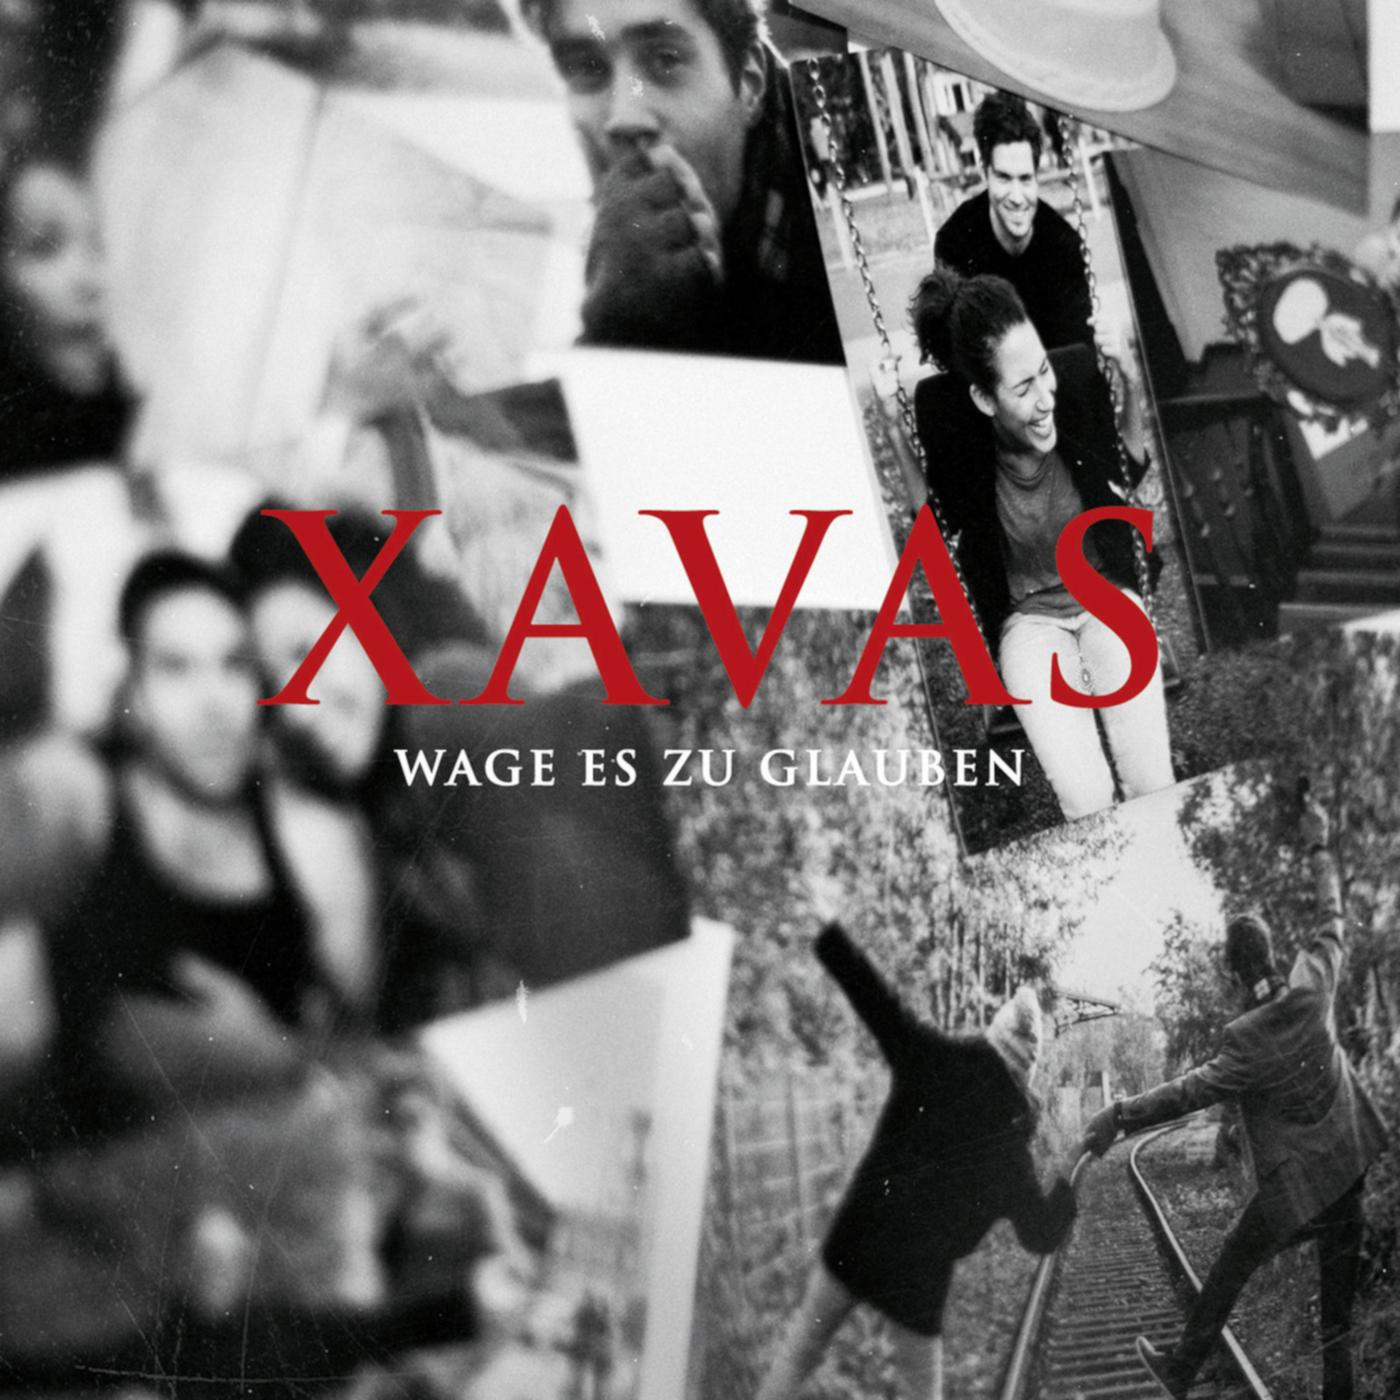 Wage es zu glauben - XAVAS